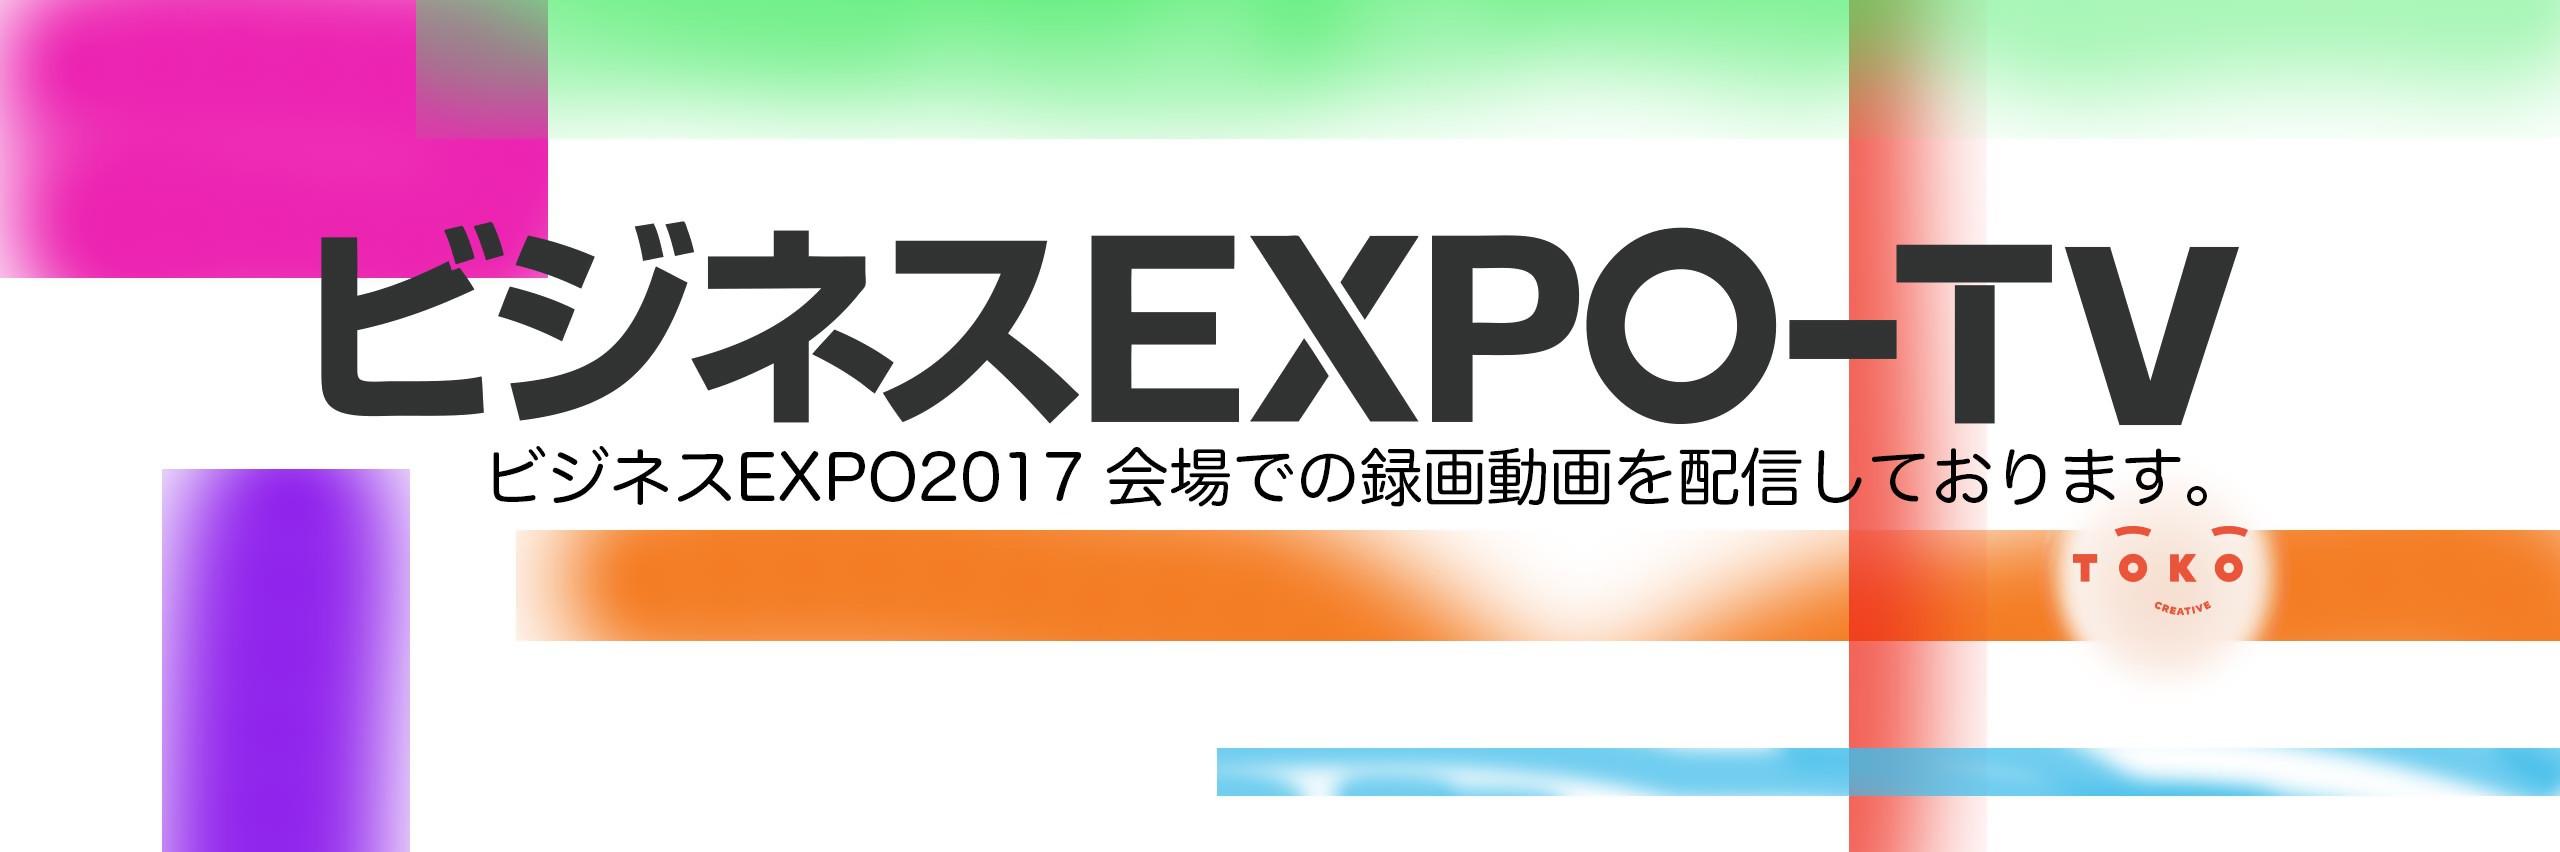 ビジネスEXPO-TV